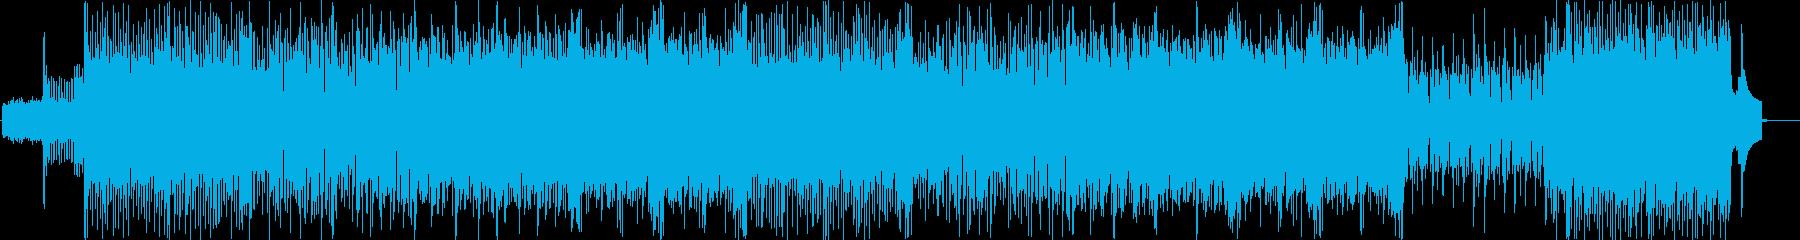 古い音源を使って創ってみました。の再生済みの波形